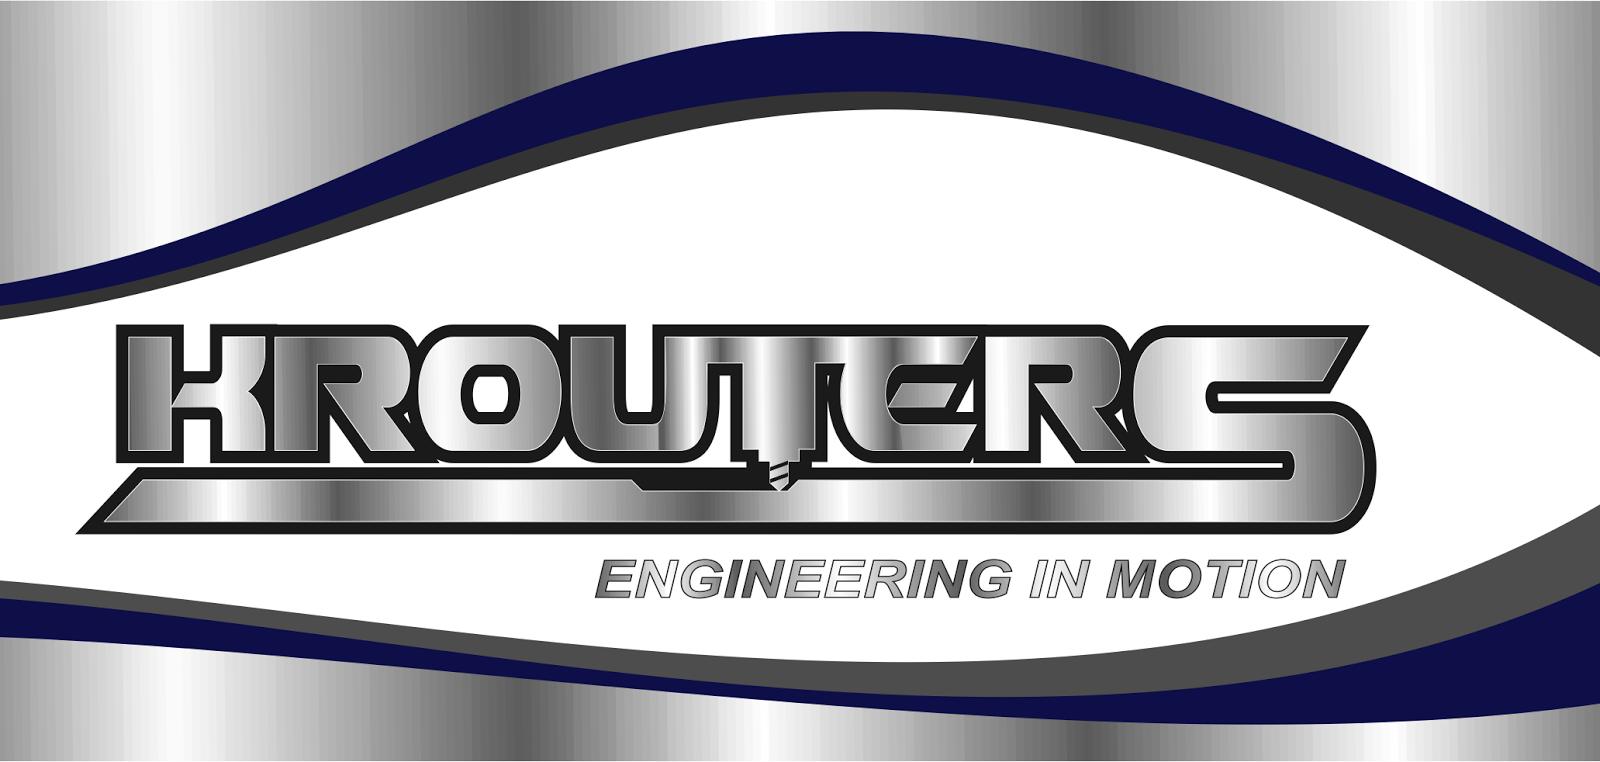 CNC Routers - KROUTERS